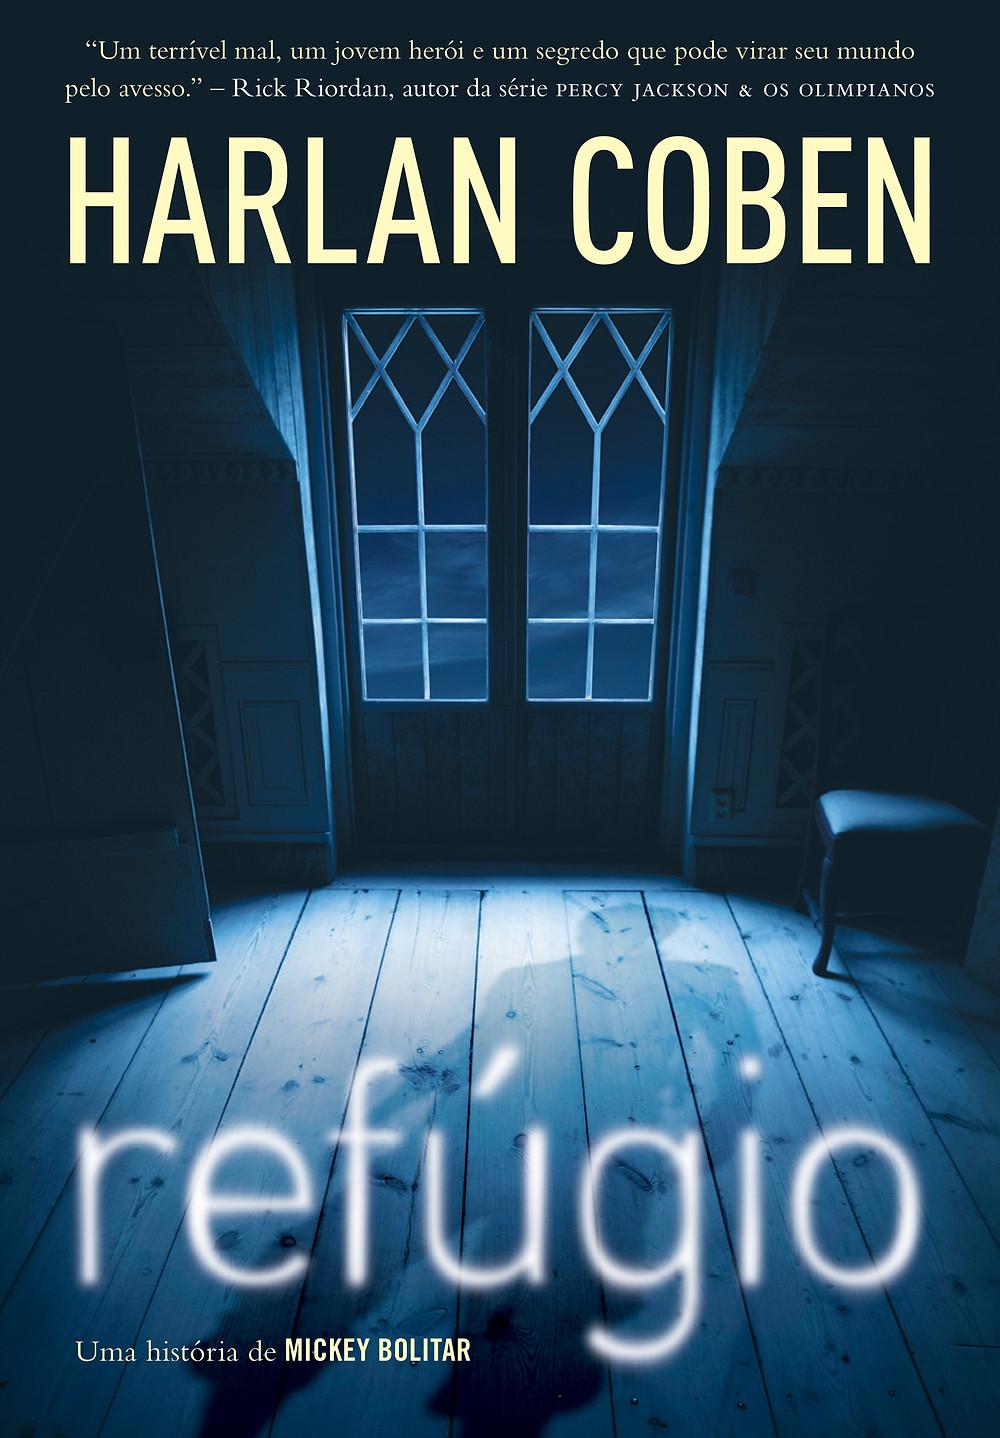 Refúgio de Harlan Coben